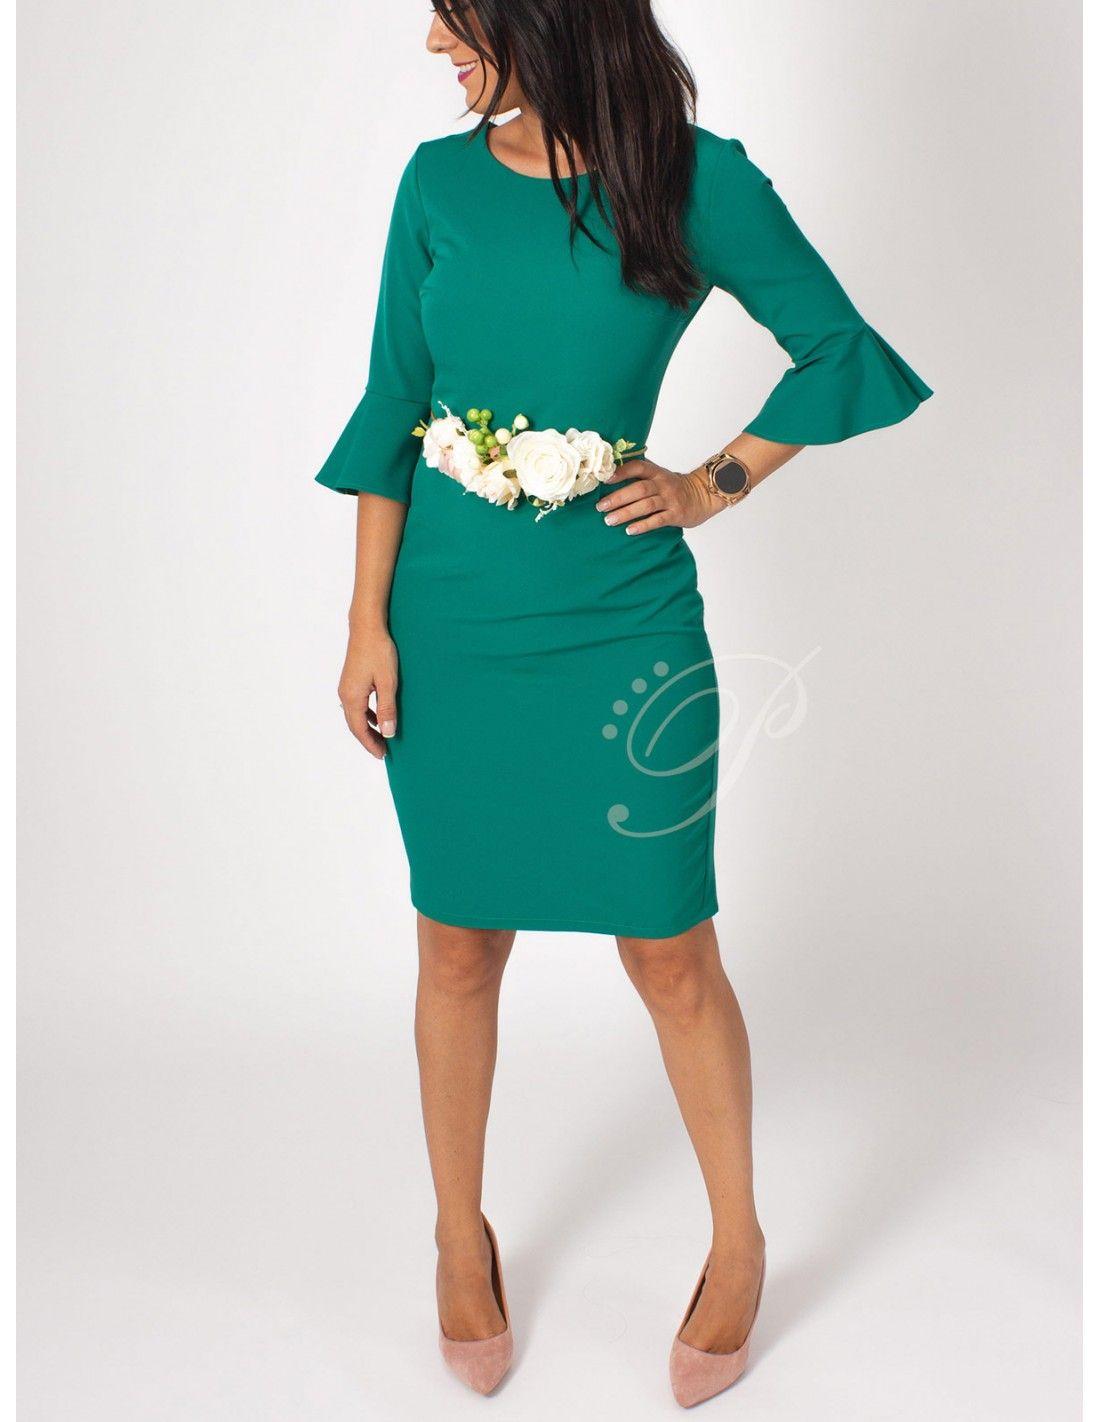 ef24b0631 Vestido Felicia - Vestido de corte midi en color verde. Manga al codo con  terminación